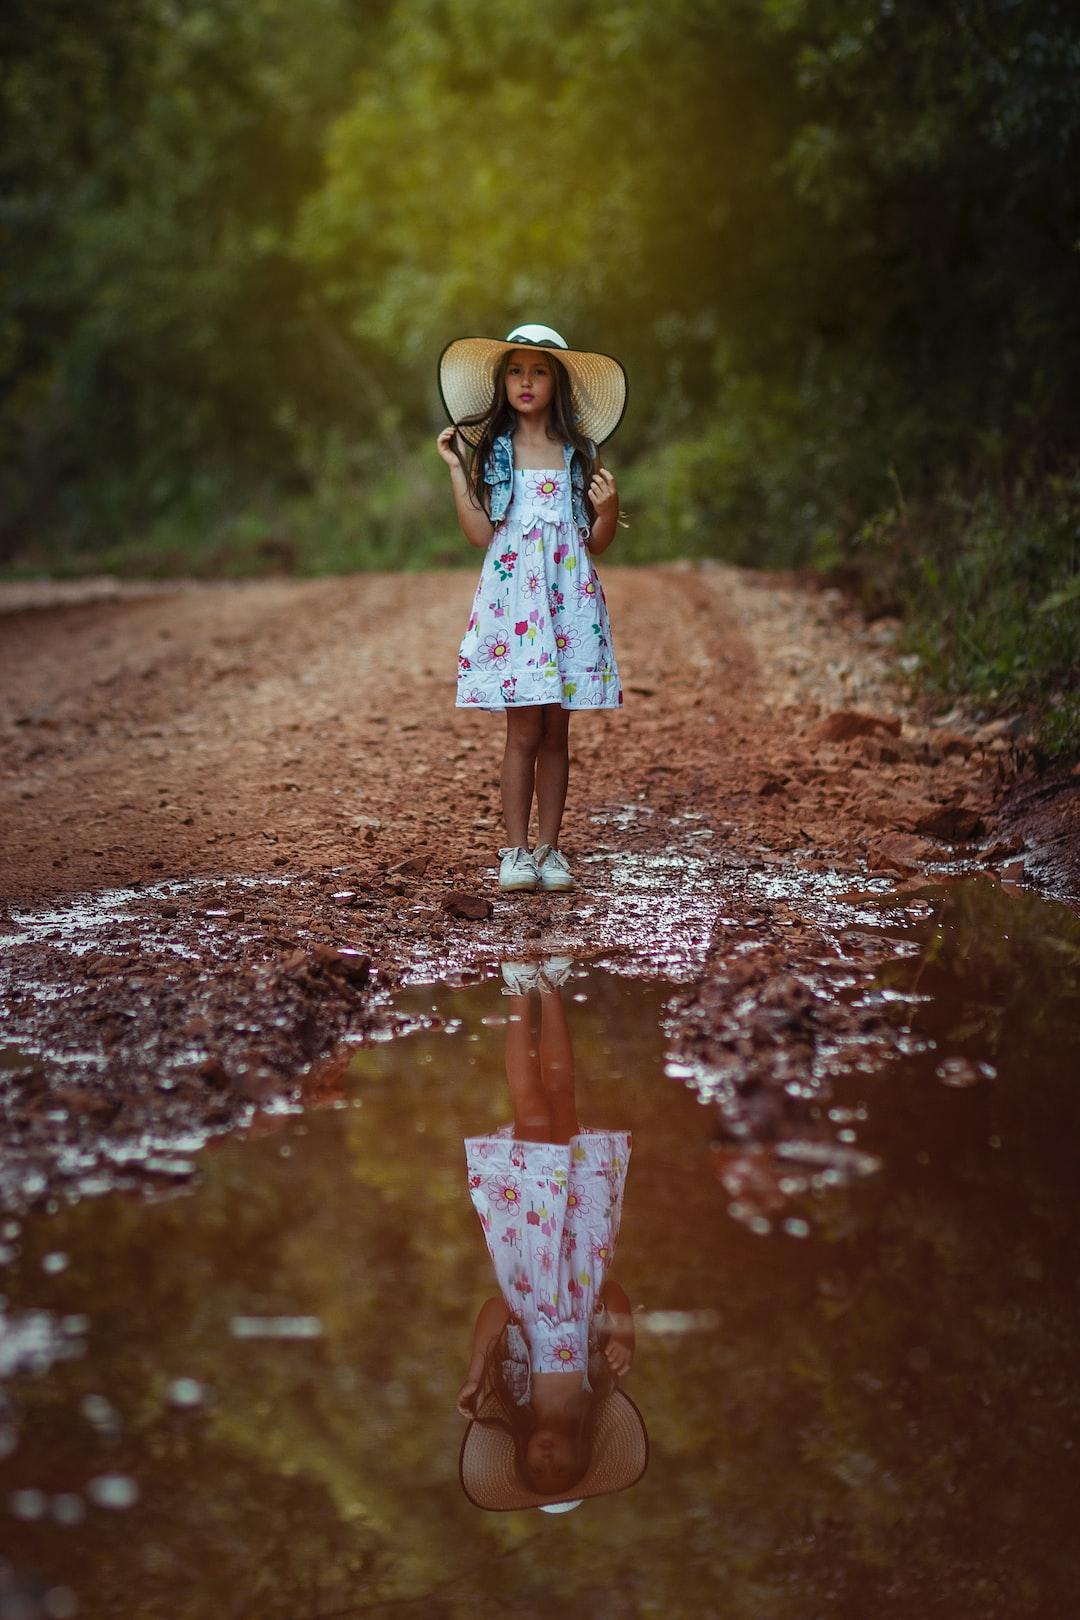 yasmin reflection